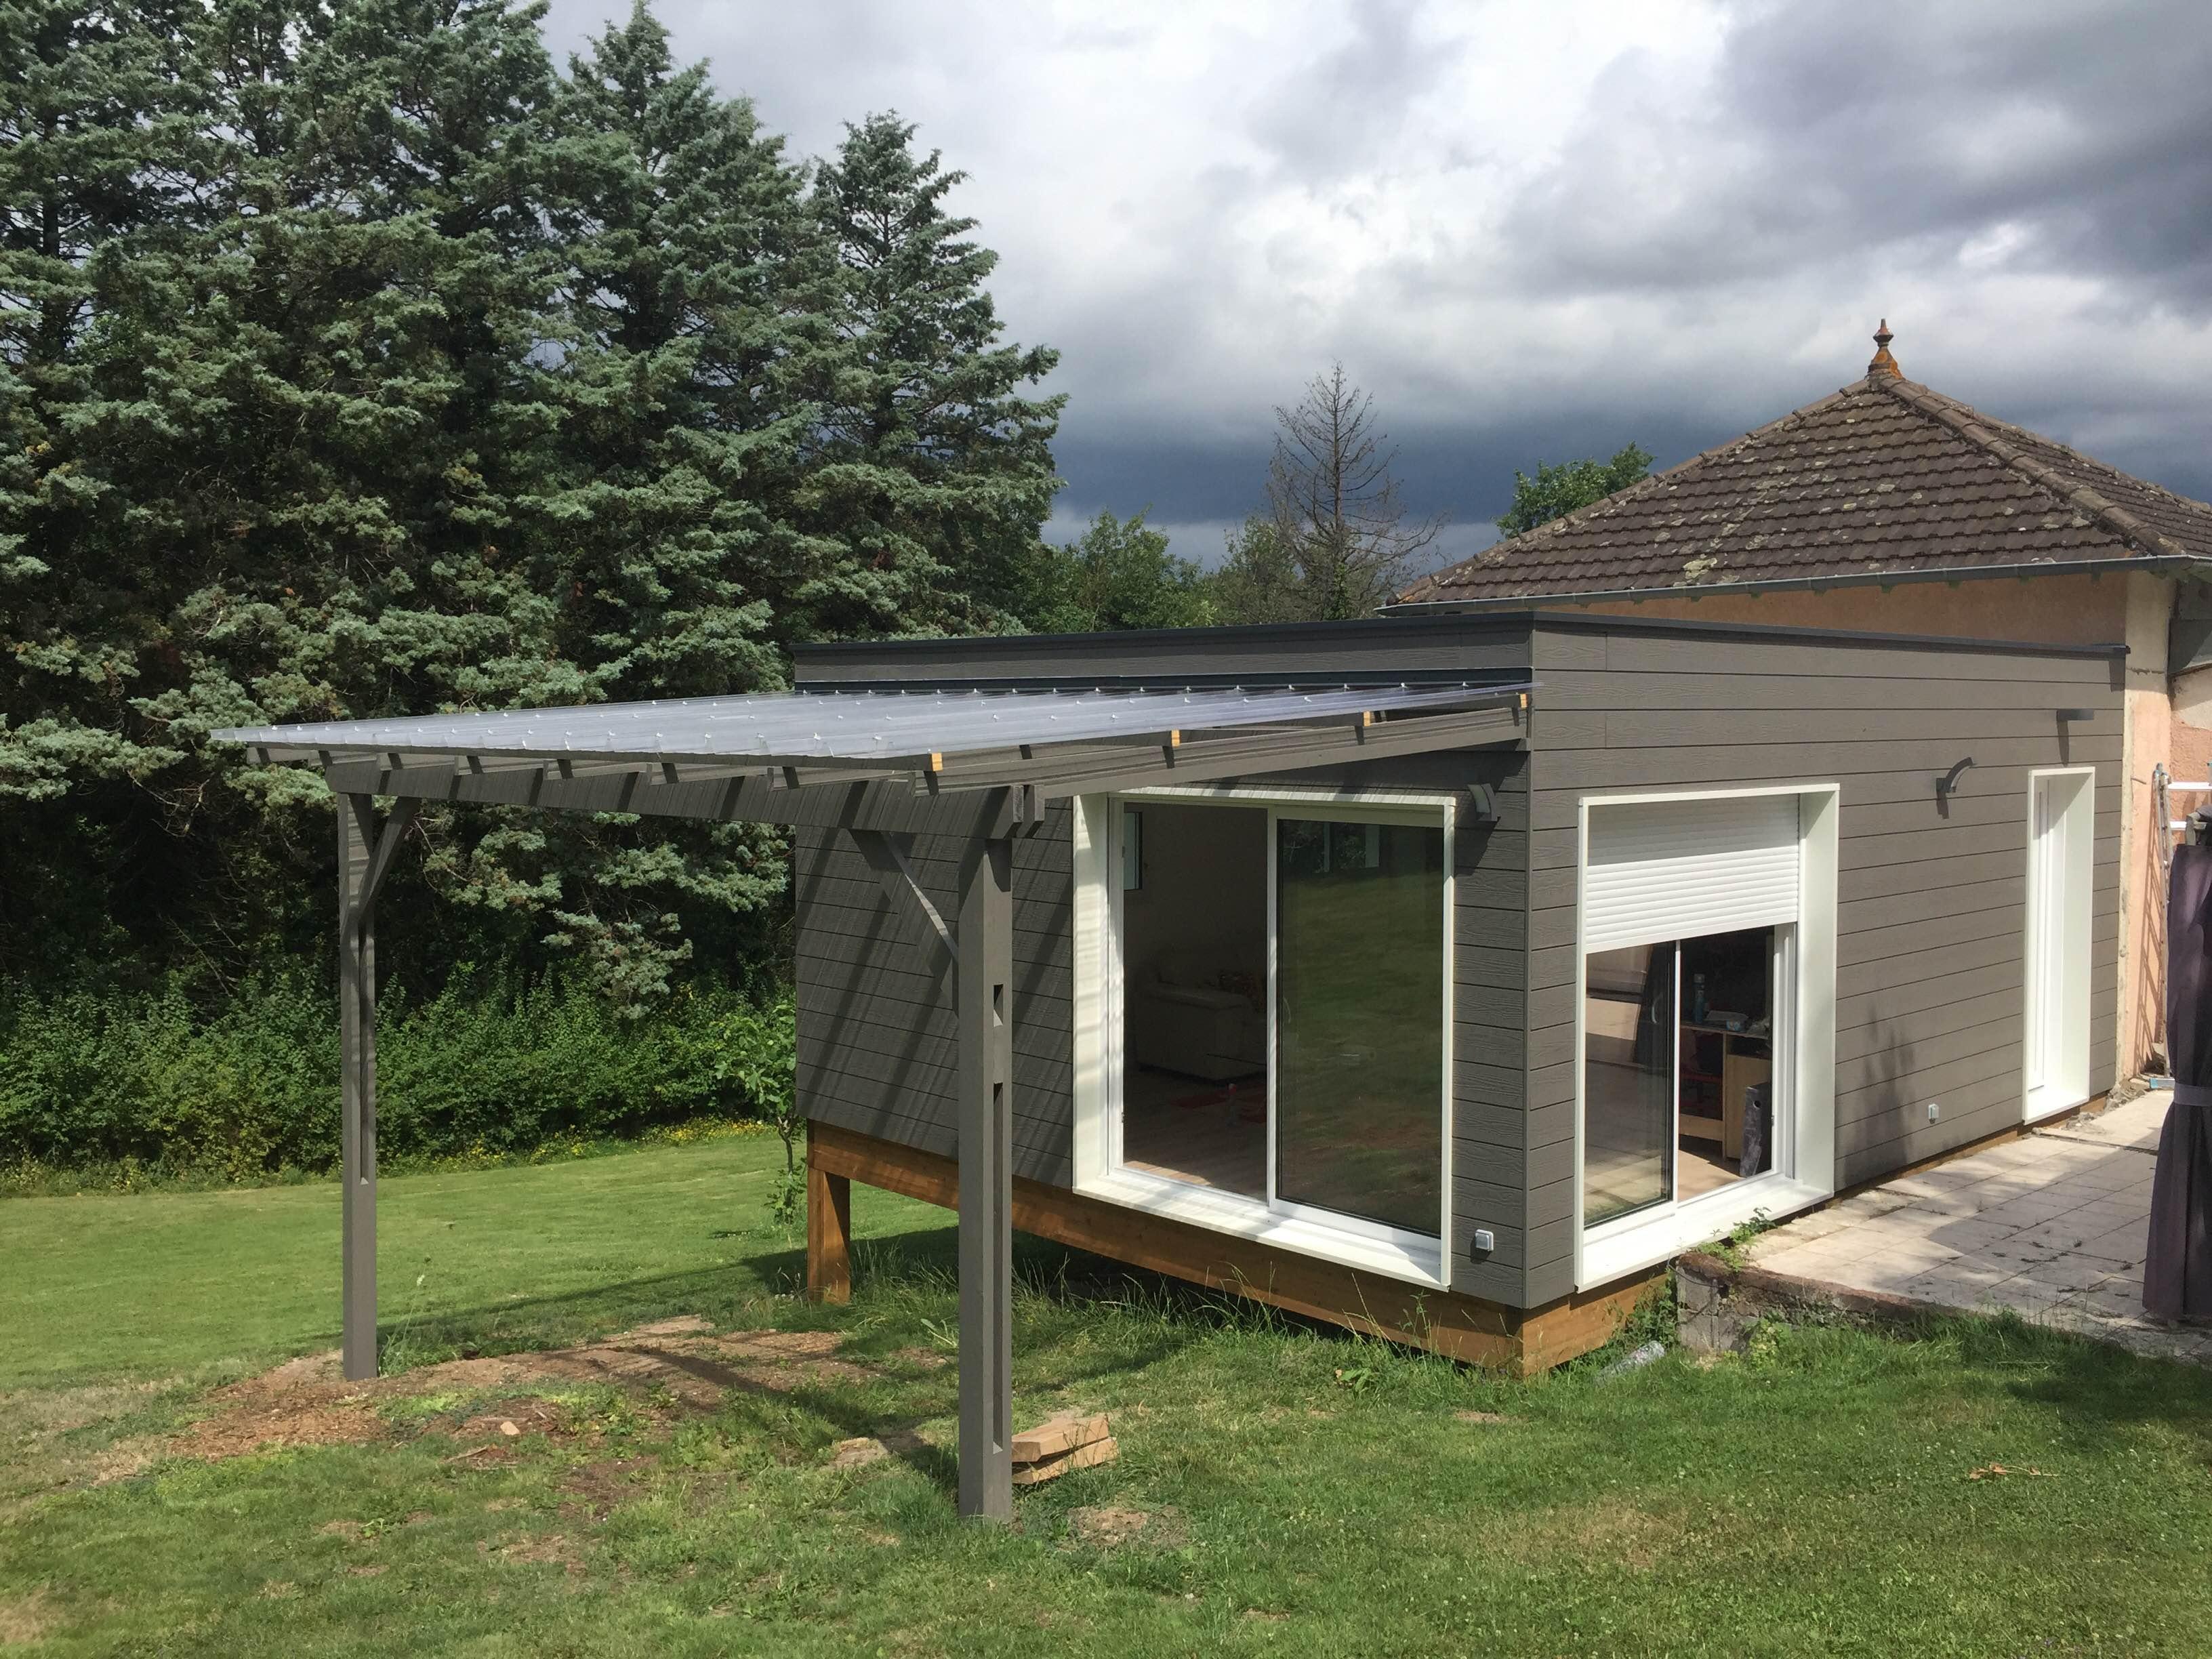 Entretien maison ossature bois cheap affordable maison en for Entretien facade maison